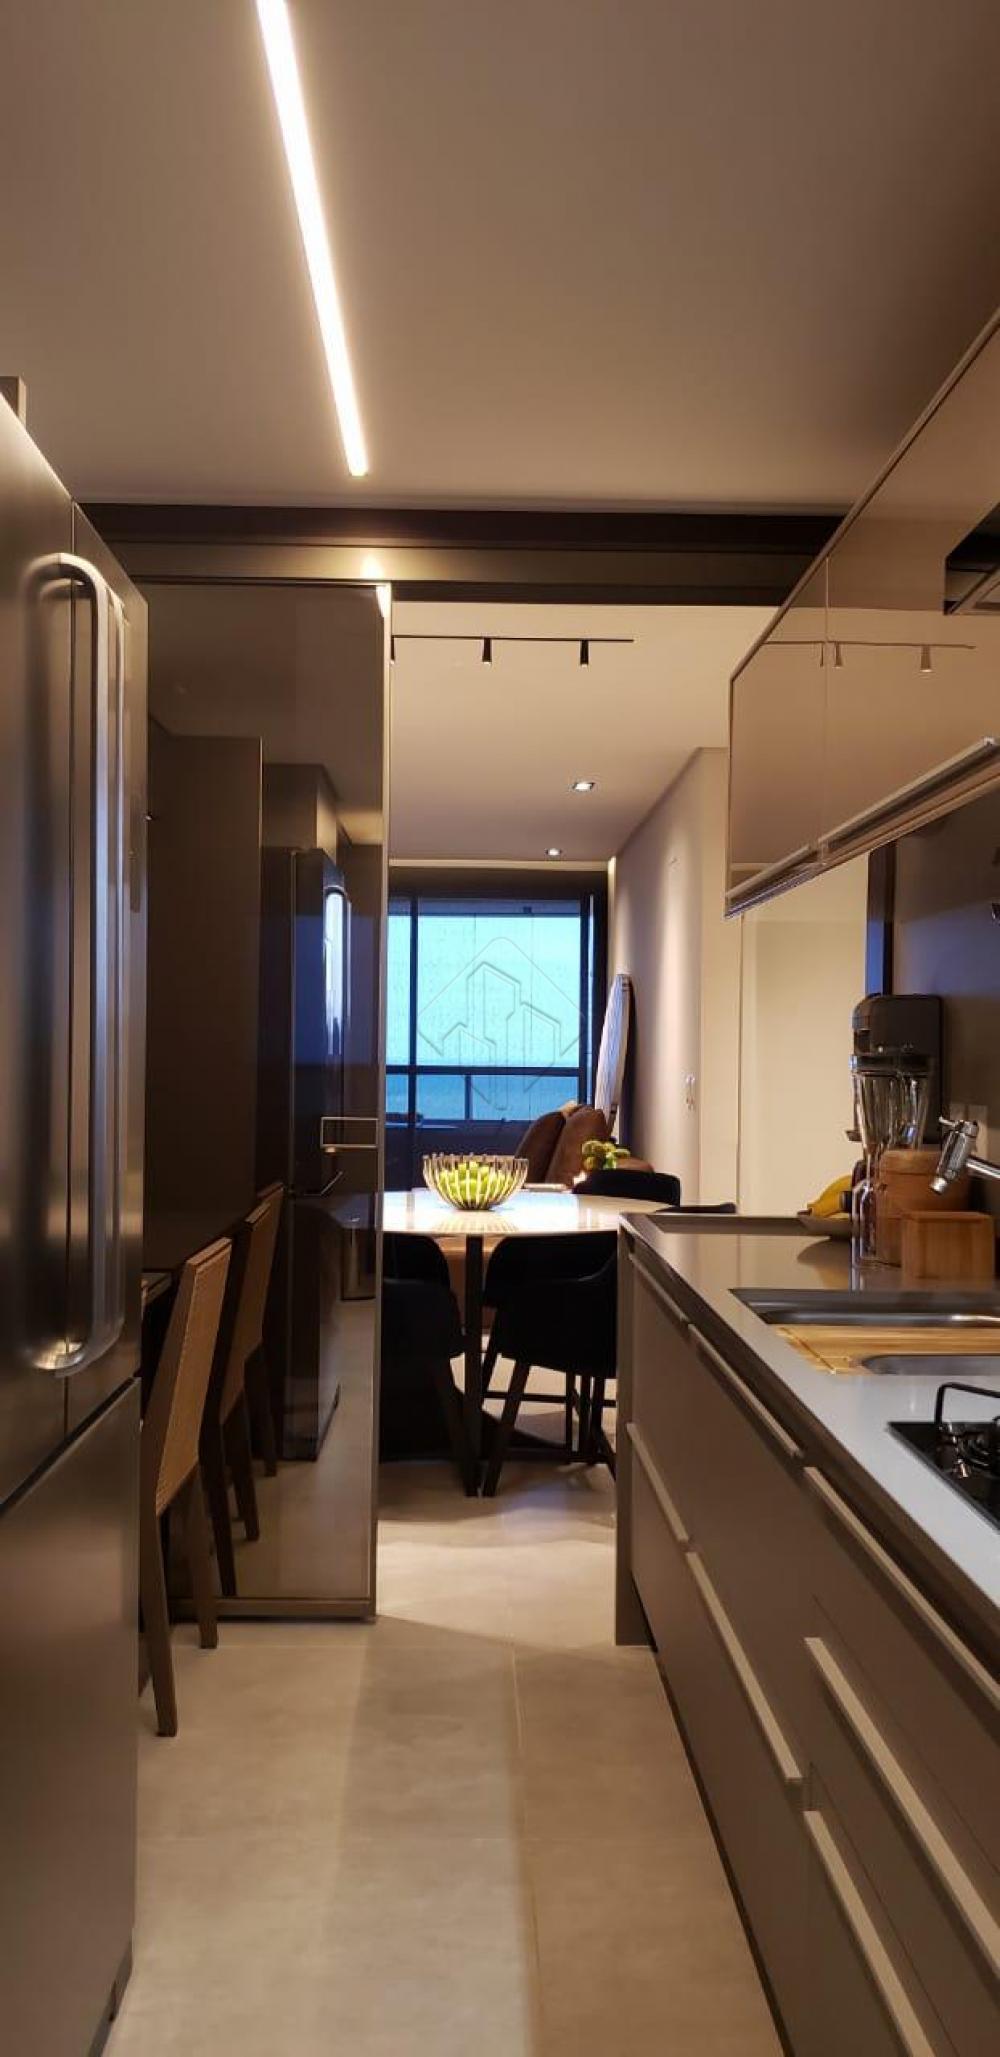 Comprar Apartamento / Padrão em João Pessoa apenas R$ 880.000,00 - Foto 10